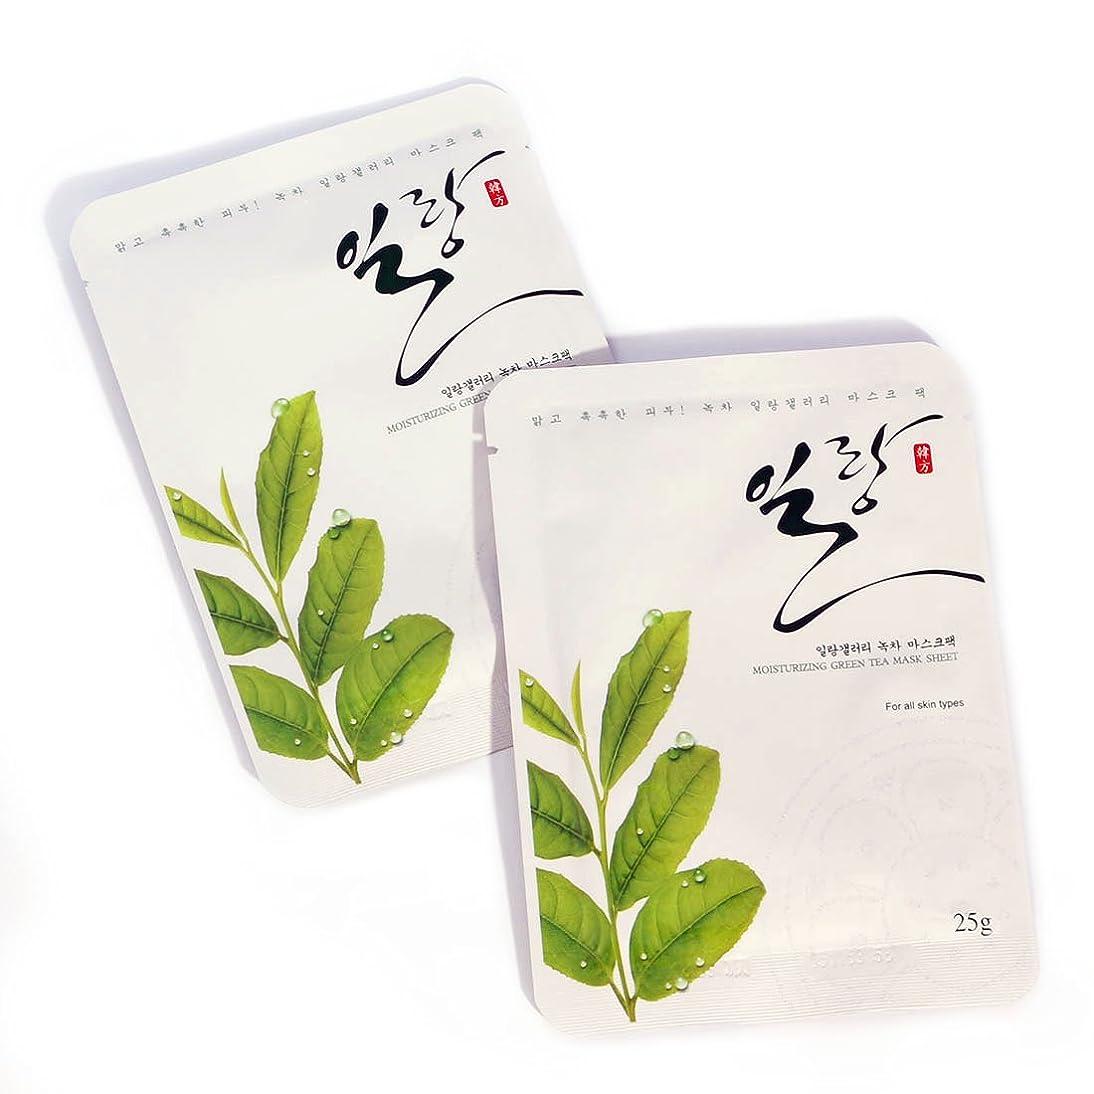 不毛のグリース和解するYlang 韓国 伝統的な コラーゲン エッセンス フル 面 フェイシャル マスク 紙 シート - 25mlパック12個 - 緑茶 [並行輸入品]